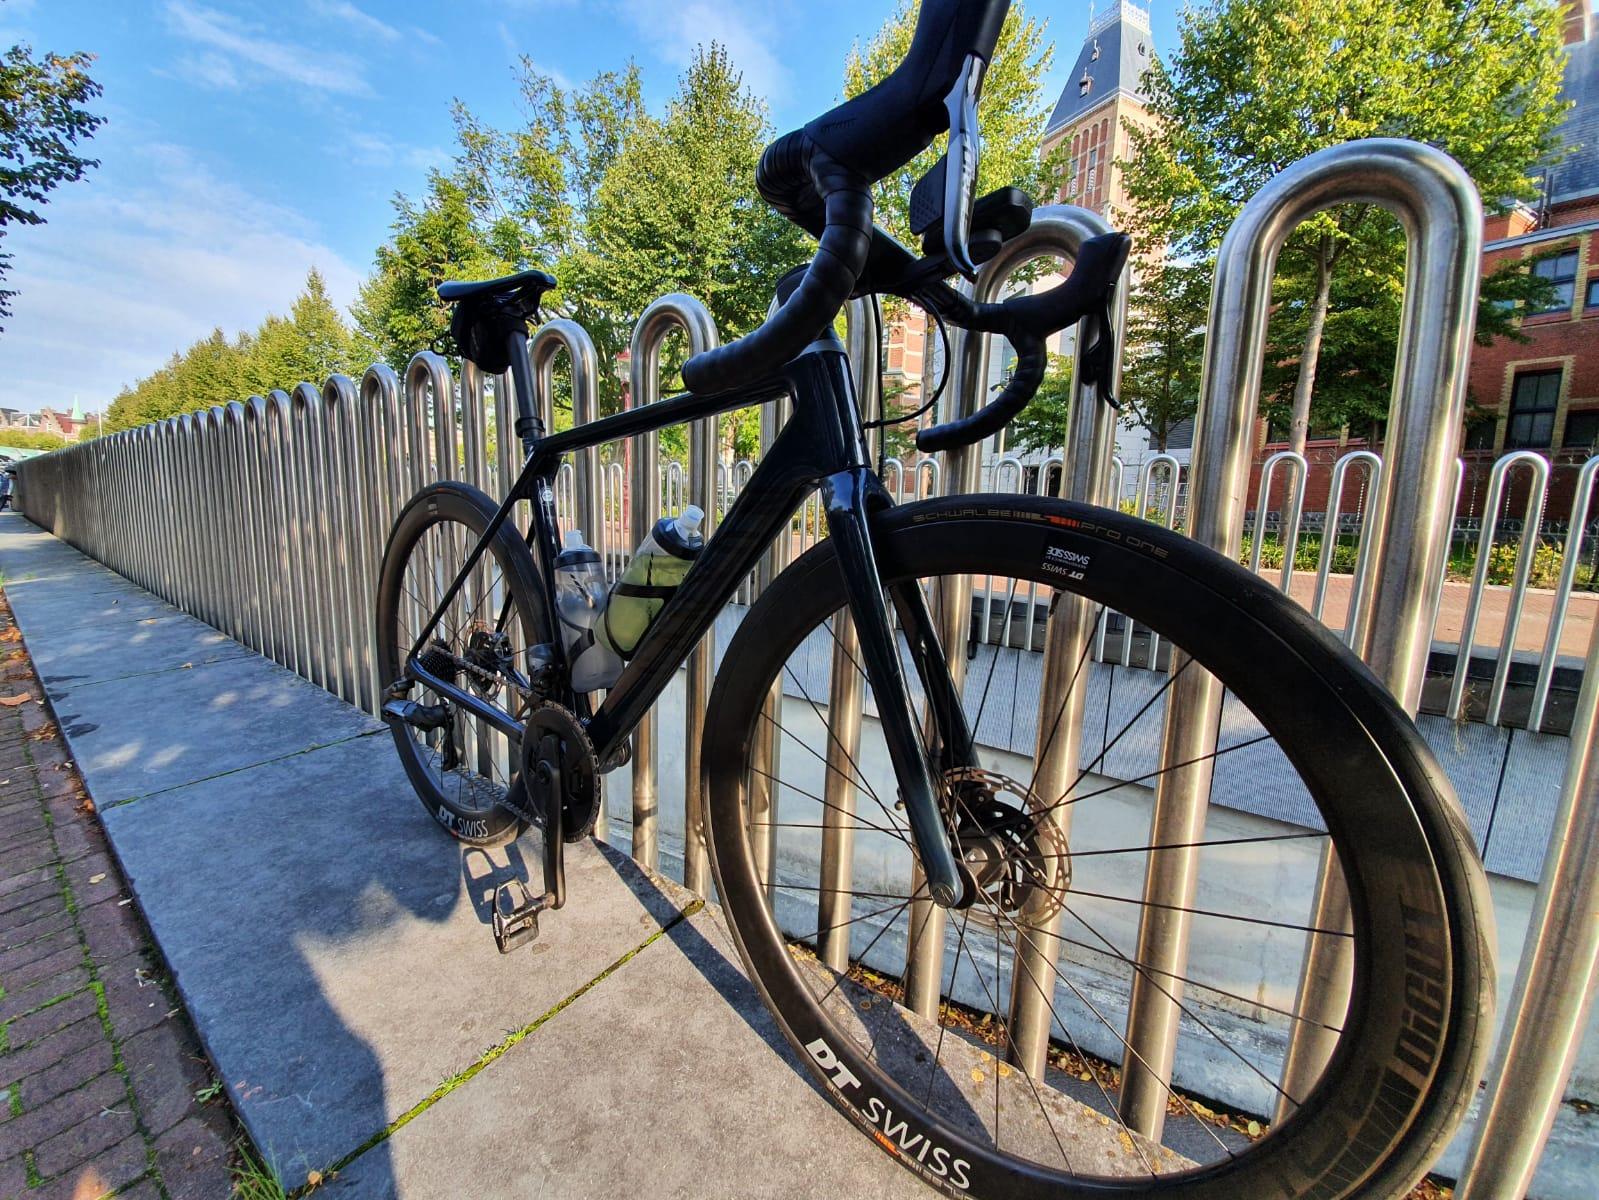 dt swiss, wheels, fast, bike